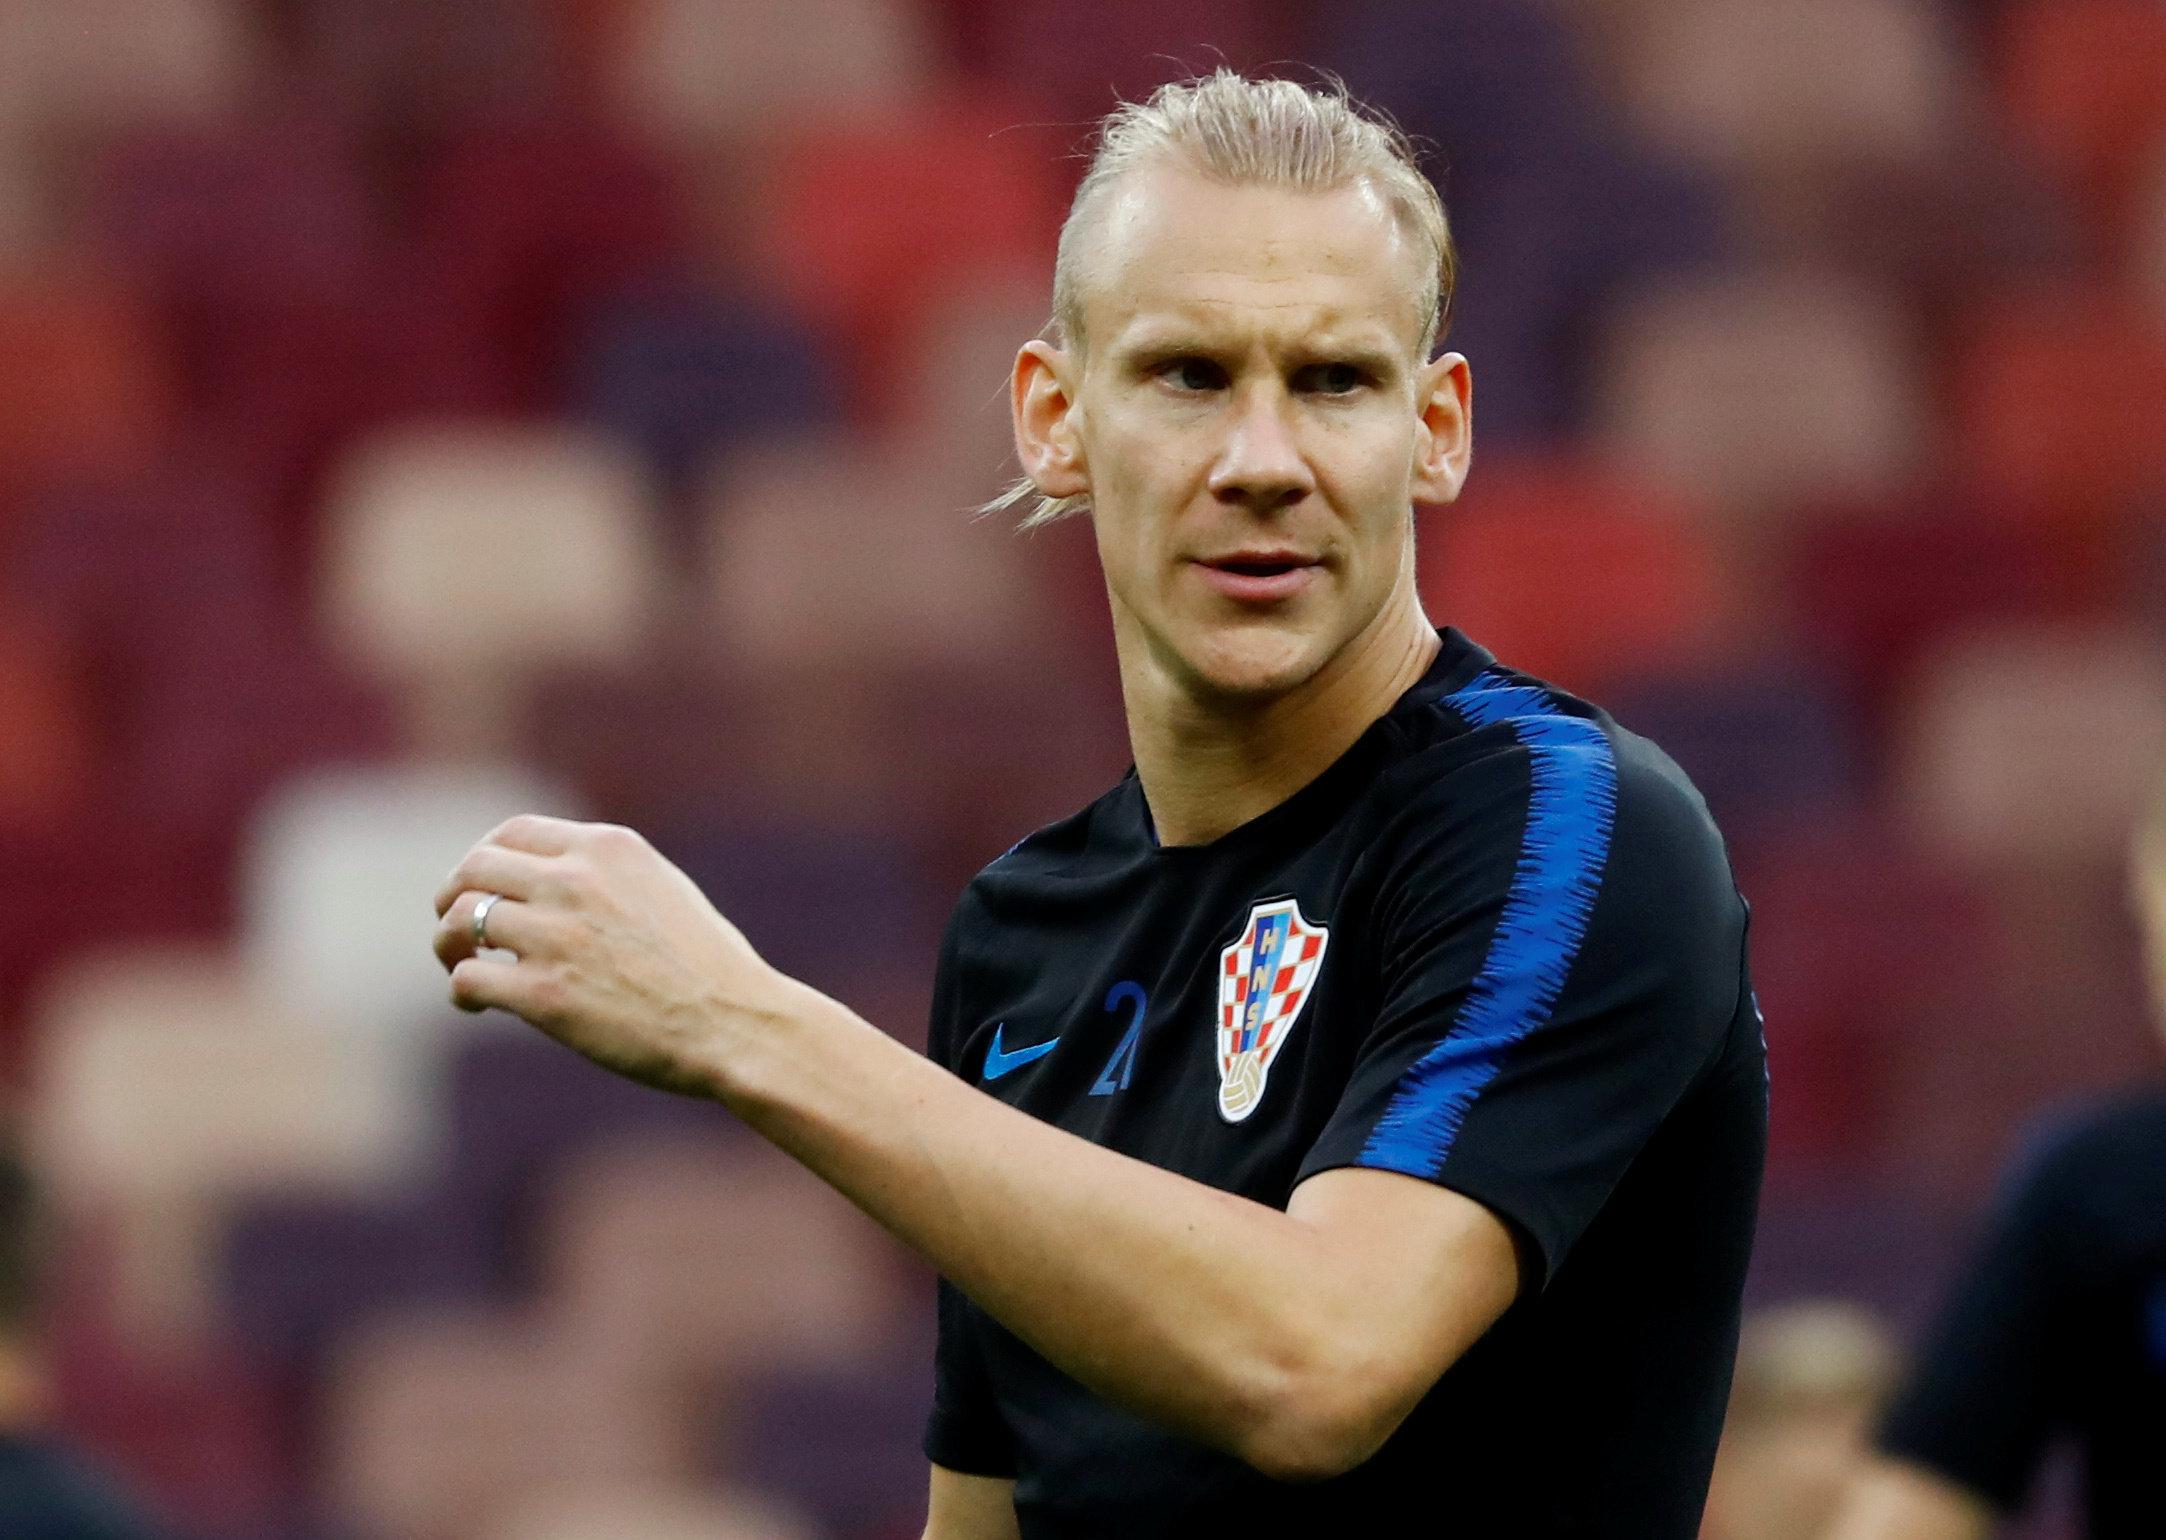 Vor WM-Halbfinale: Dieses Video könnte Kroatien-Fußballer Vida Ärger einbringen